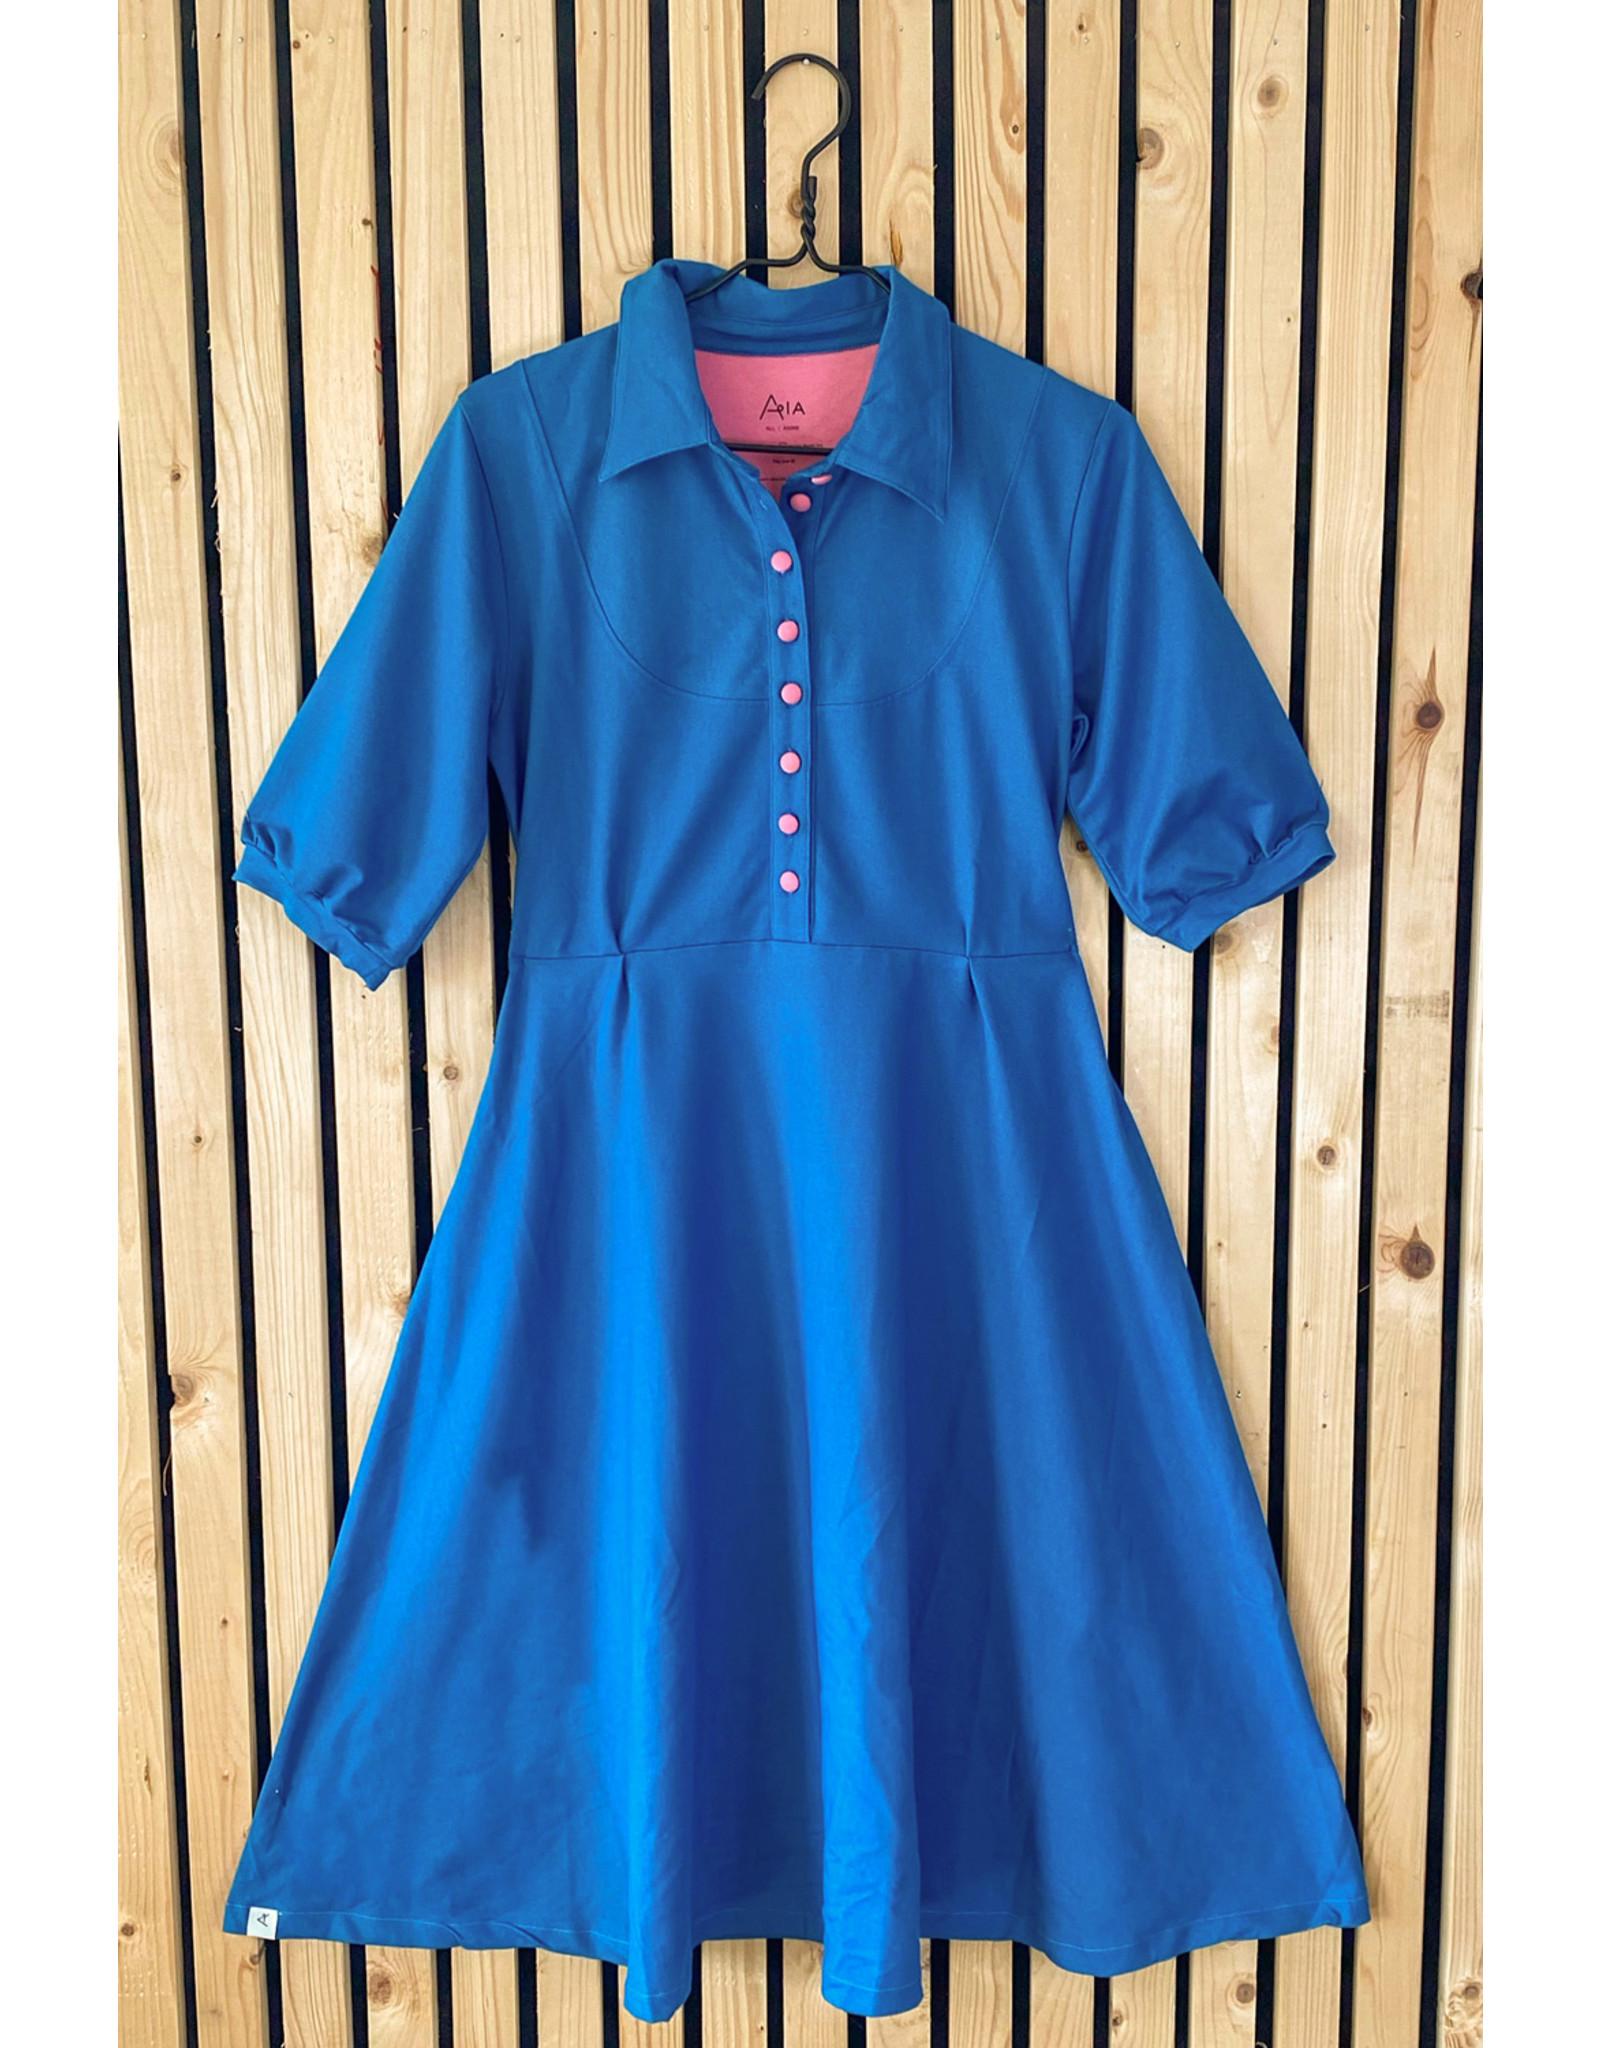 ALBA of Denmark VOLWASSENEN retro blauwe jurk